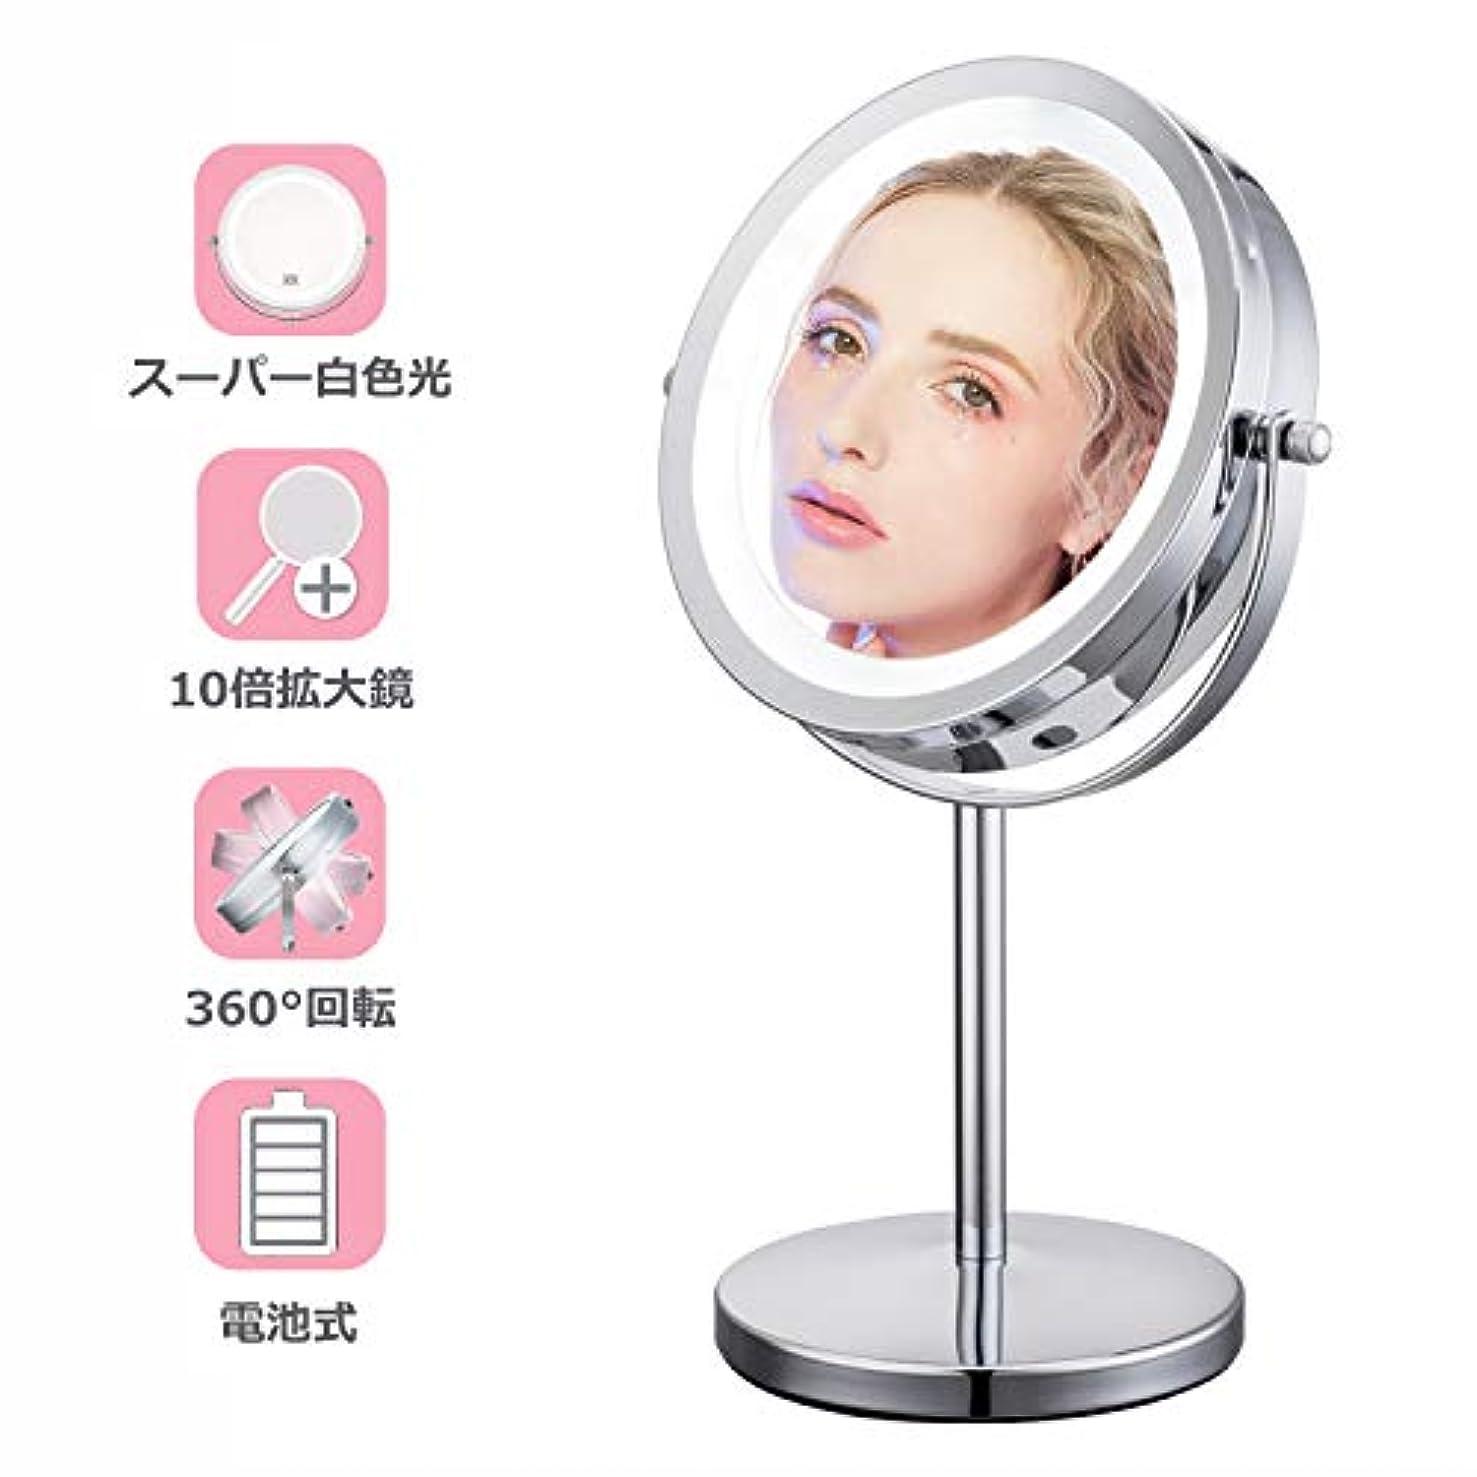 無線甘いバスタブ10倍拡大鏡 LEDライト付き 真実の両面鏡 360度回転 卓上鏡 スタンドミラー メイク 化粧道具 【Jeking】